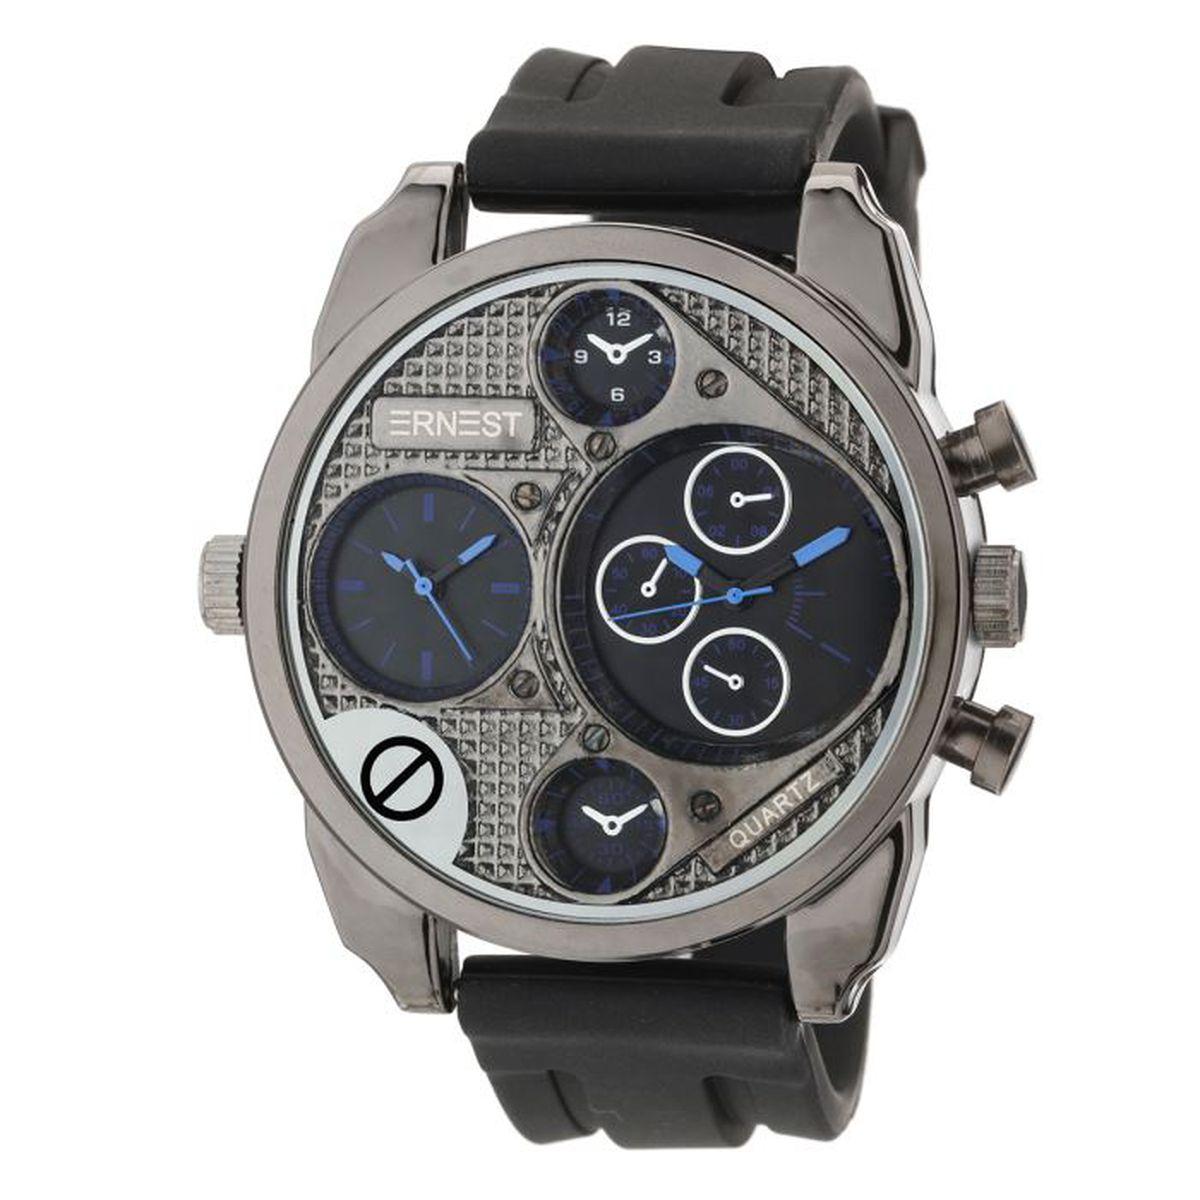 ernest montre homme achat vente montre montre homme cdiscount. Black Bedroom Furniture Sets. Home Design Ideas